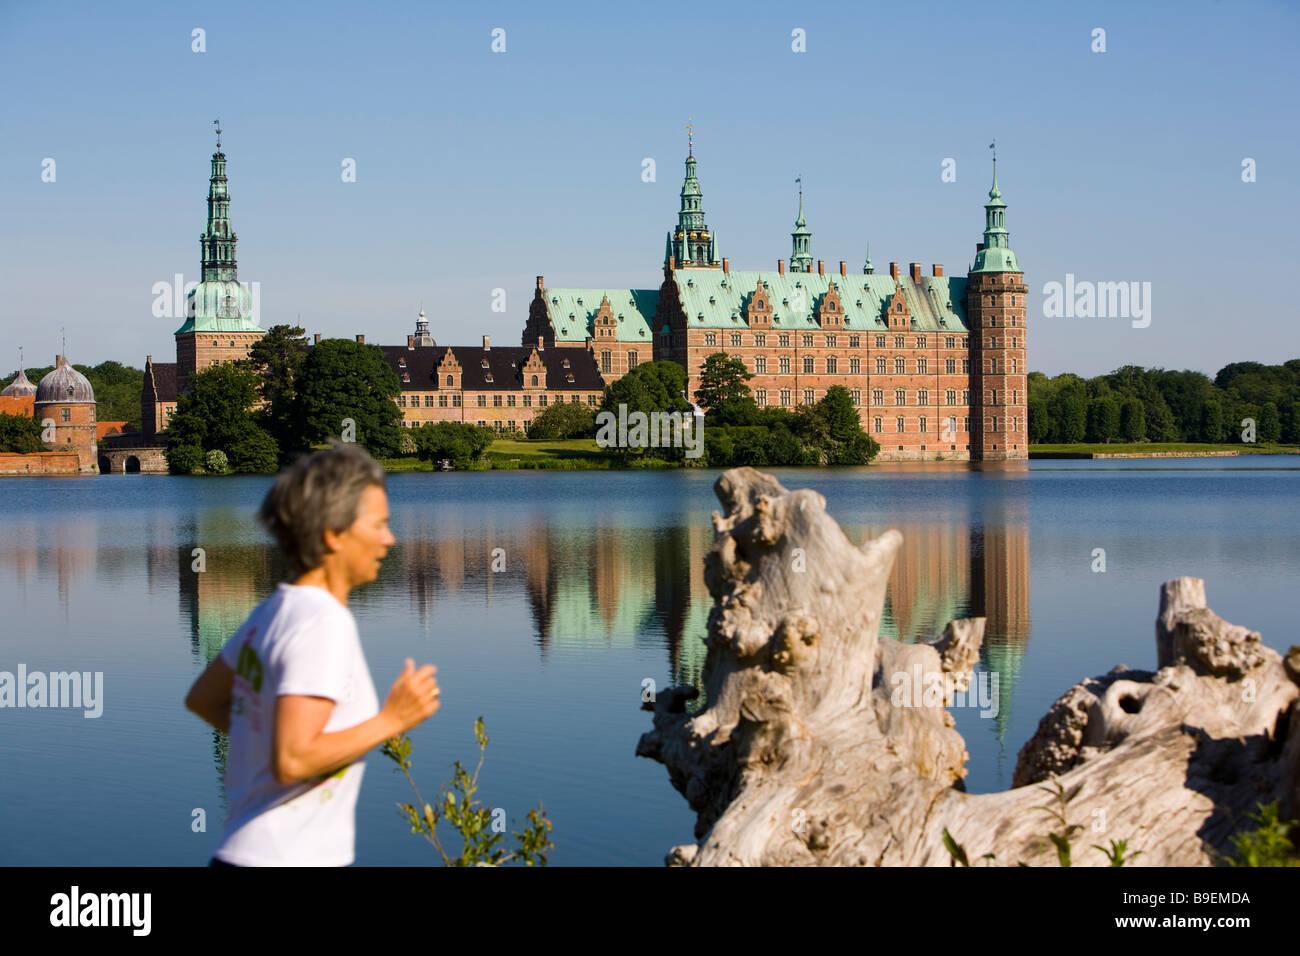 Jogging at Frederiksborg castle Hillerød Zealand Denmark - Stock Image